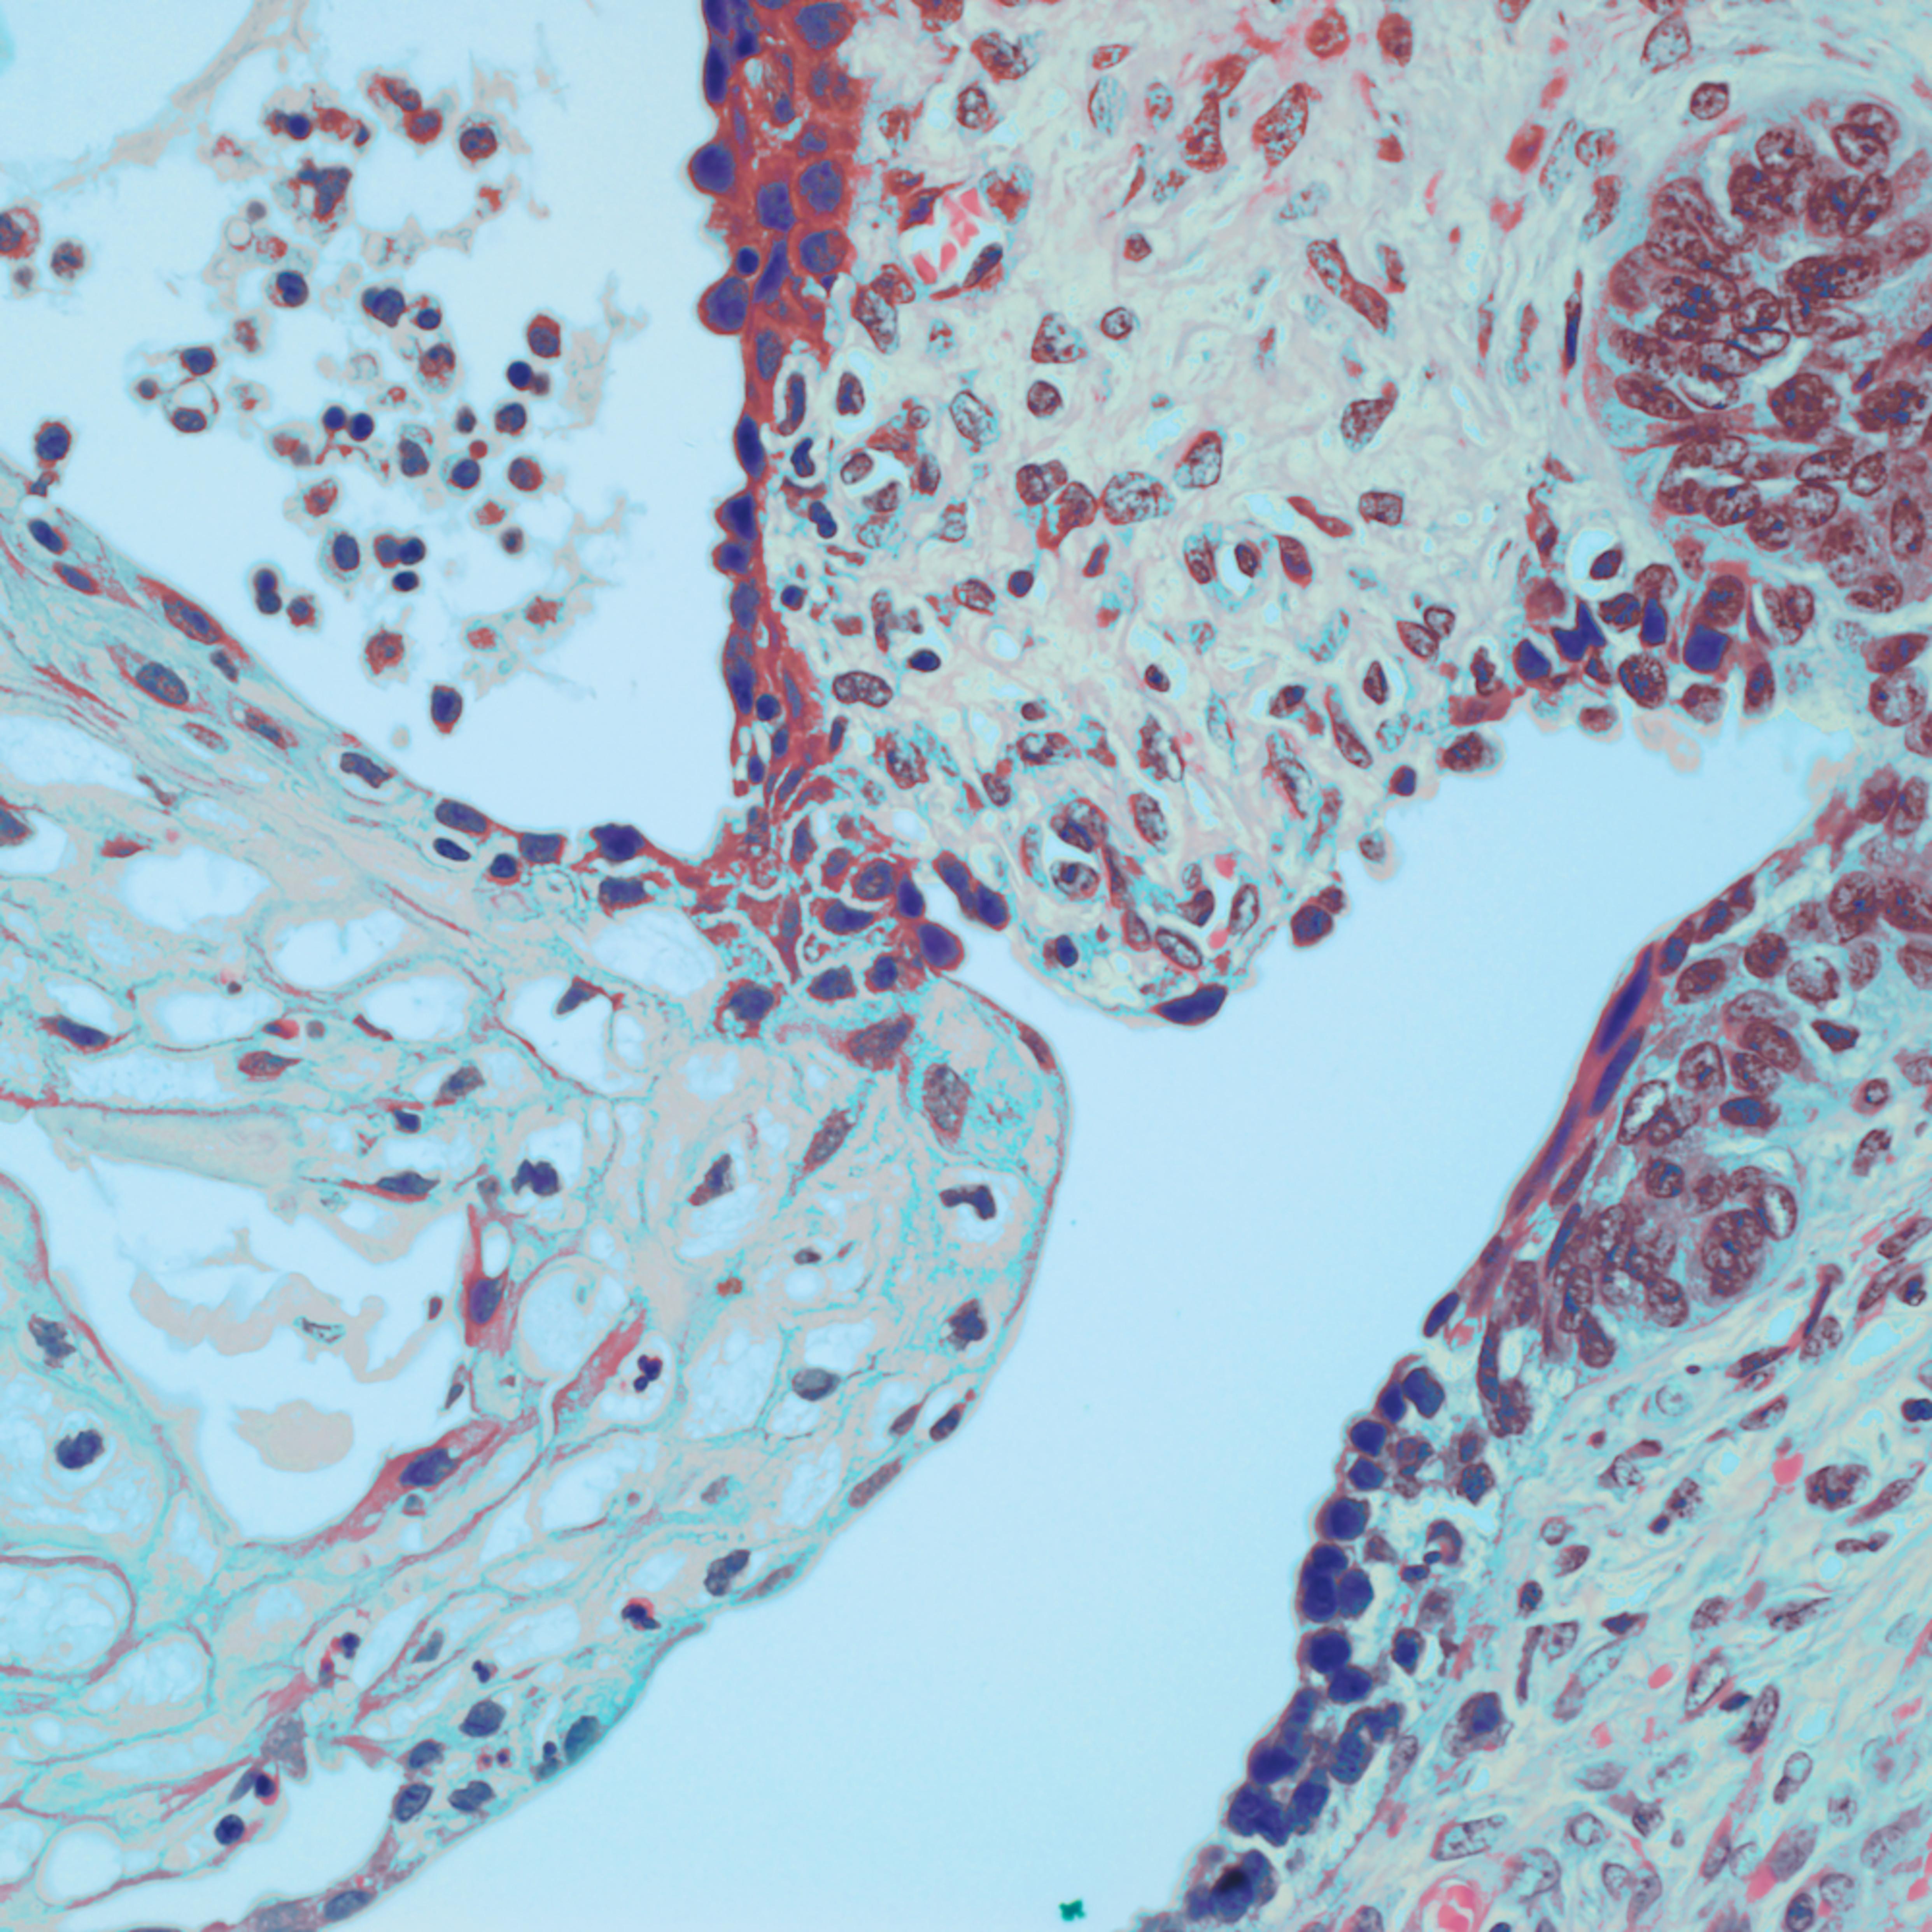 702 0001 testicle   teratoma 40x wt4d4o